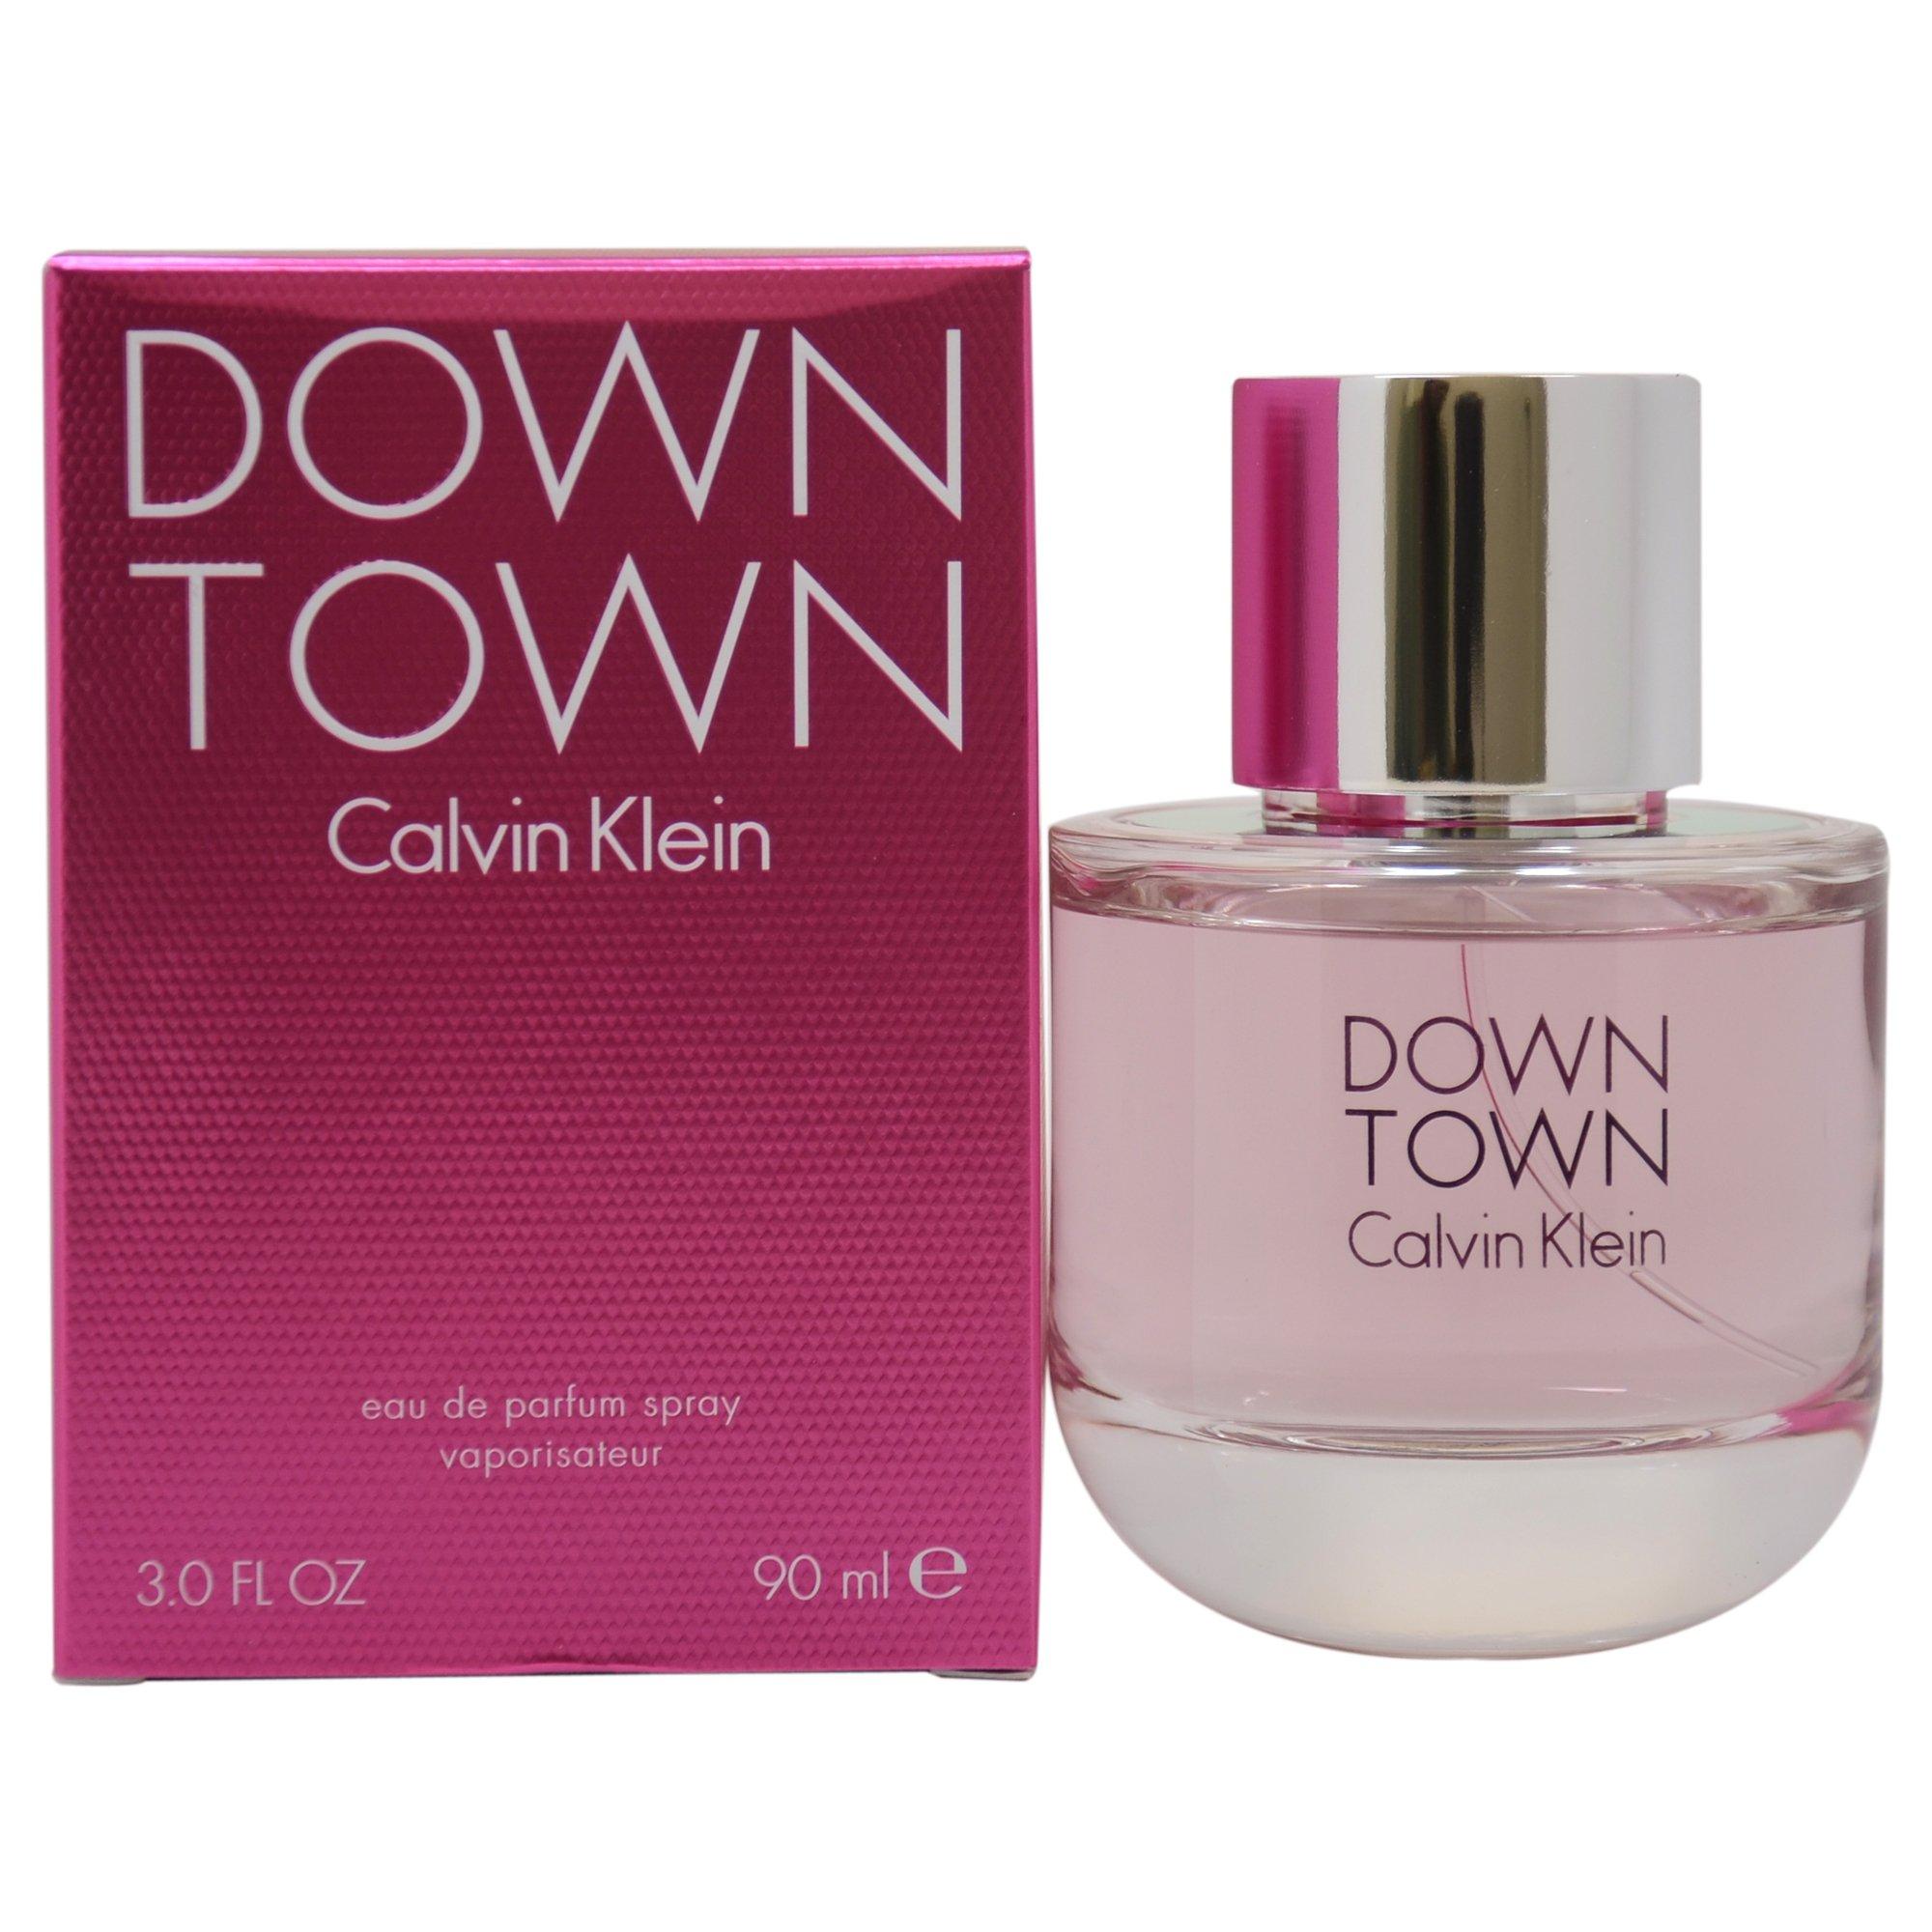 Calvin Klein Downtown Agua de Perfume Vaporizador - 90 ml product image